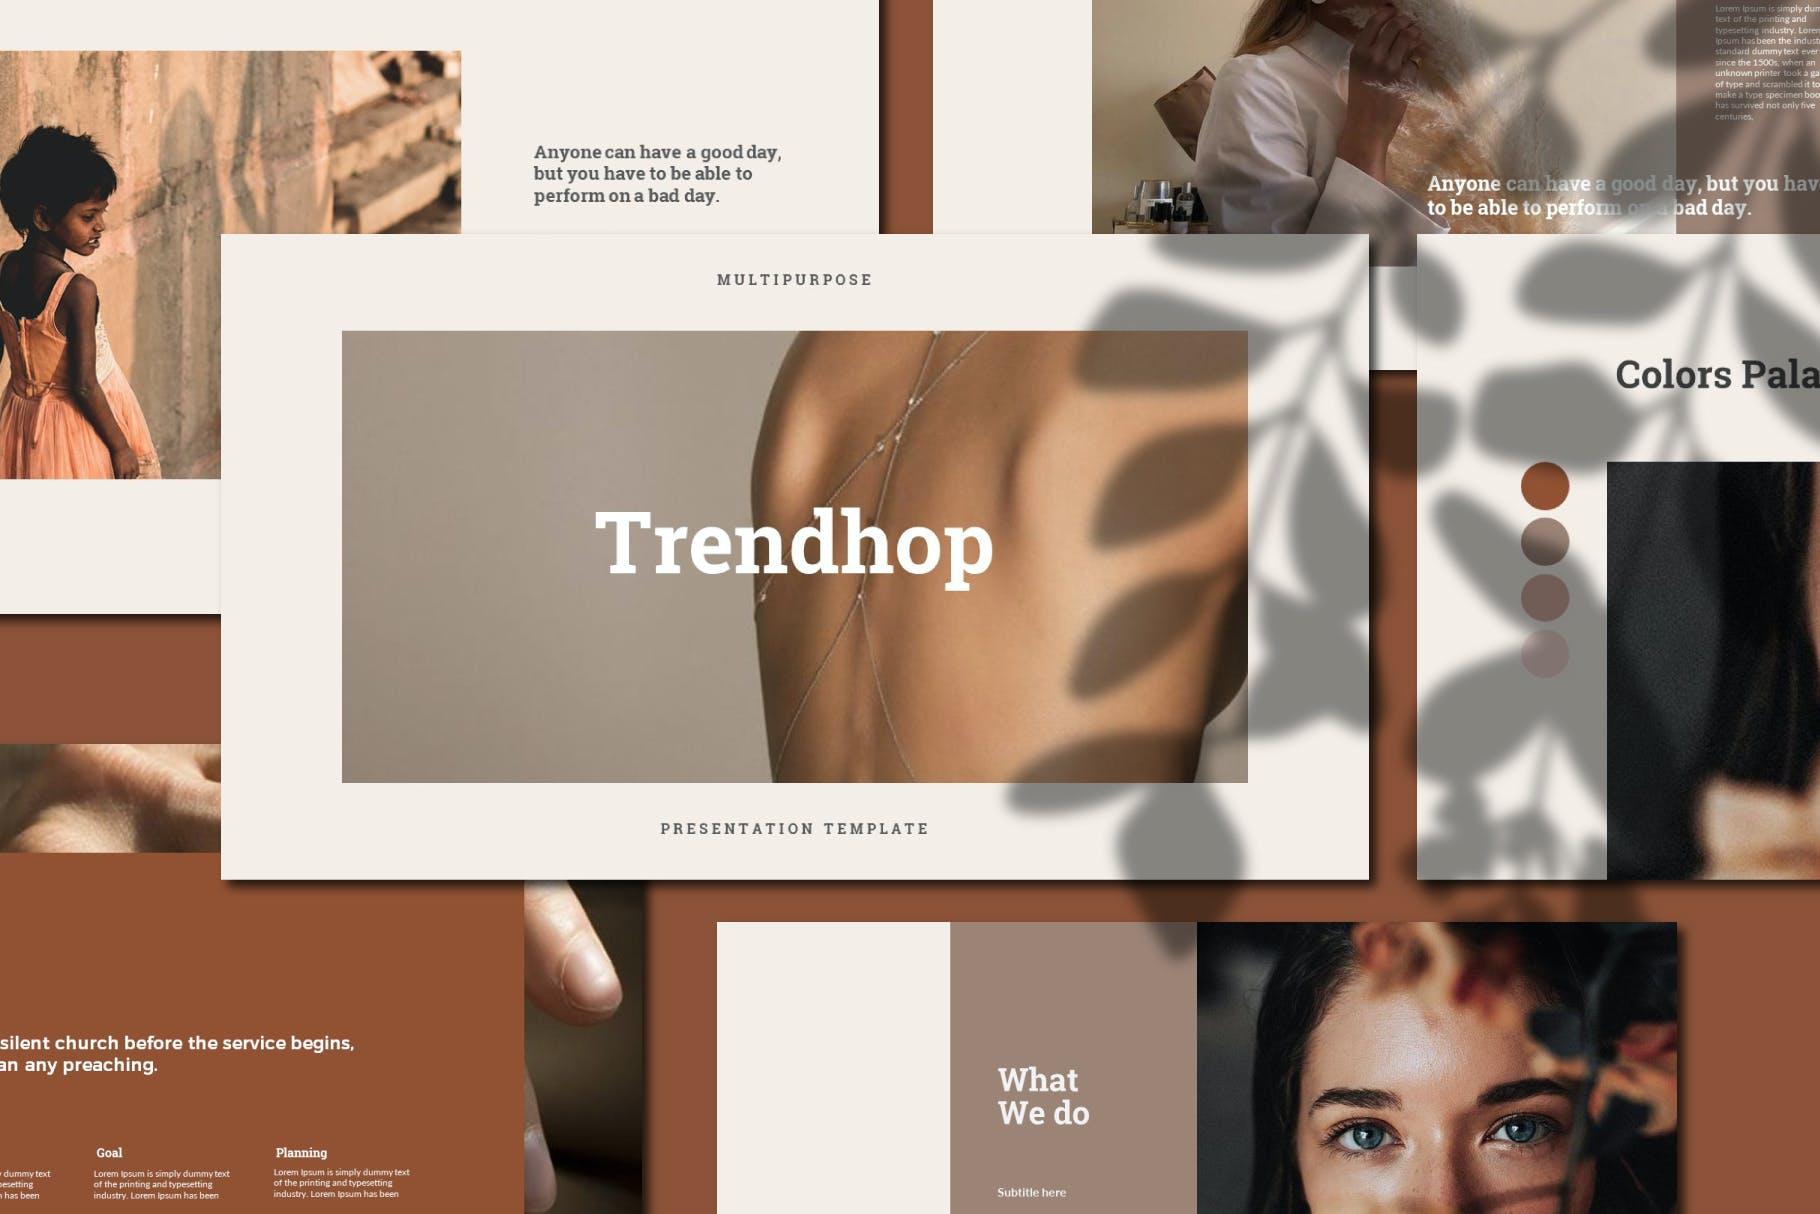 时尚奢华女性服装摄影作品集演示文稿模版 Trendhop Powerpoint Template插图1